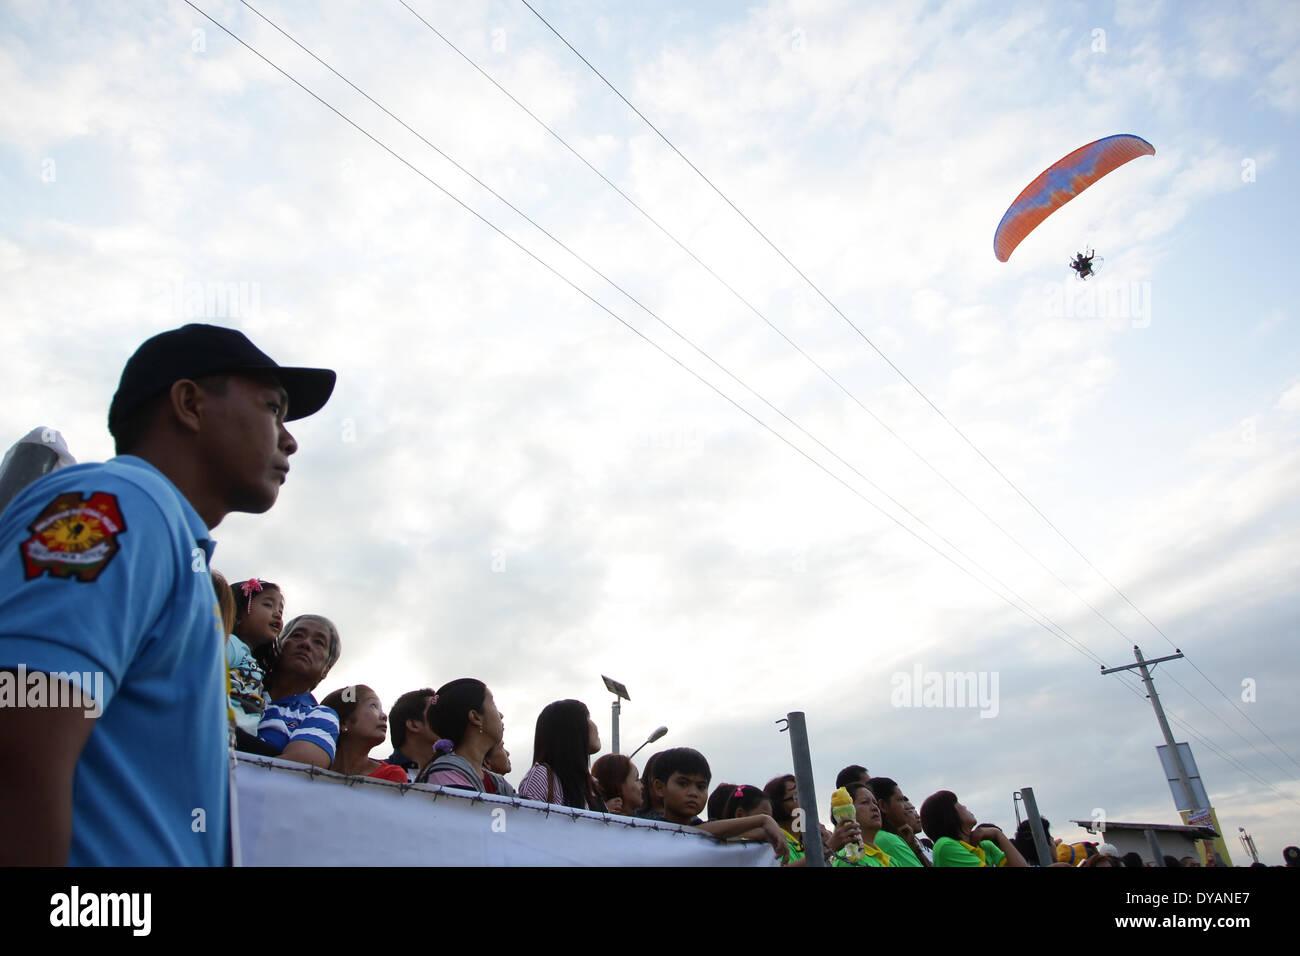 Lubao, Pampanga, Filippine. Xi Apr, 2014. La gente guarda un paramotore passano al Philippine International Hot Air Balloon Festival on April 11, 2014. Il Philippine International Mongolfiera Festival featured 21 paesi con 37 palloncini. Credito: Mark Cristino/NurPhoto/ZUMAPRESS.com/Alamy Live News Immagini Stock